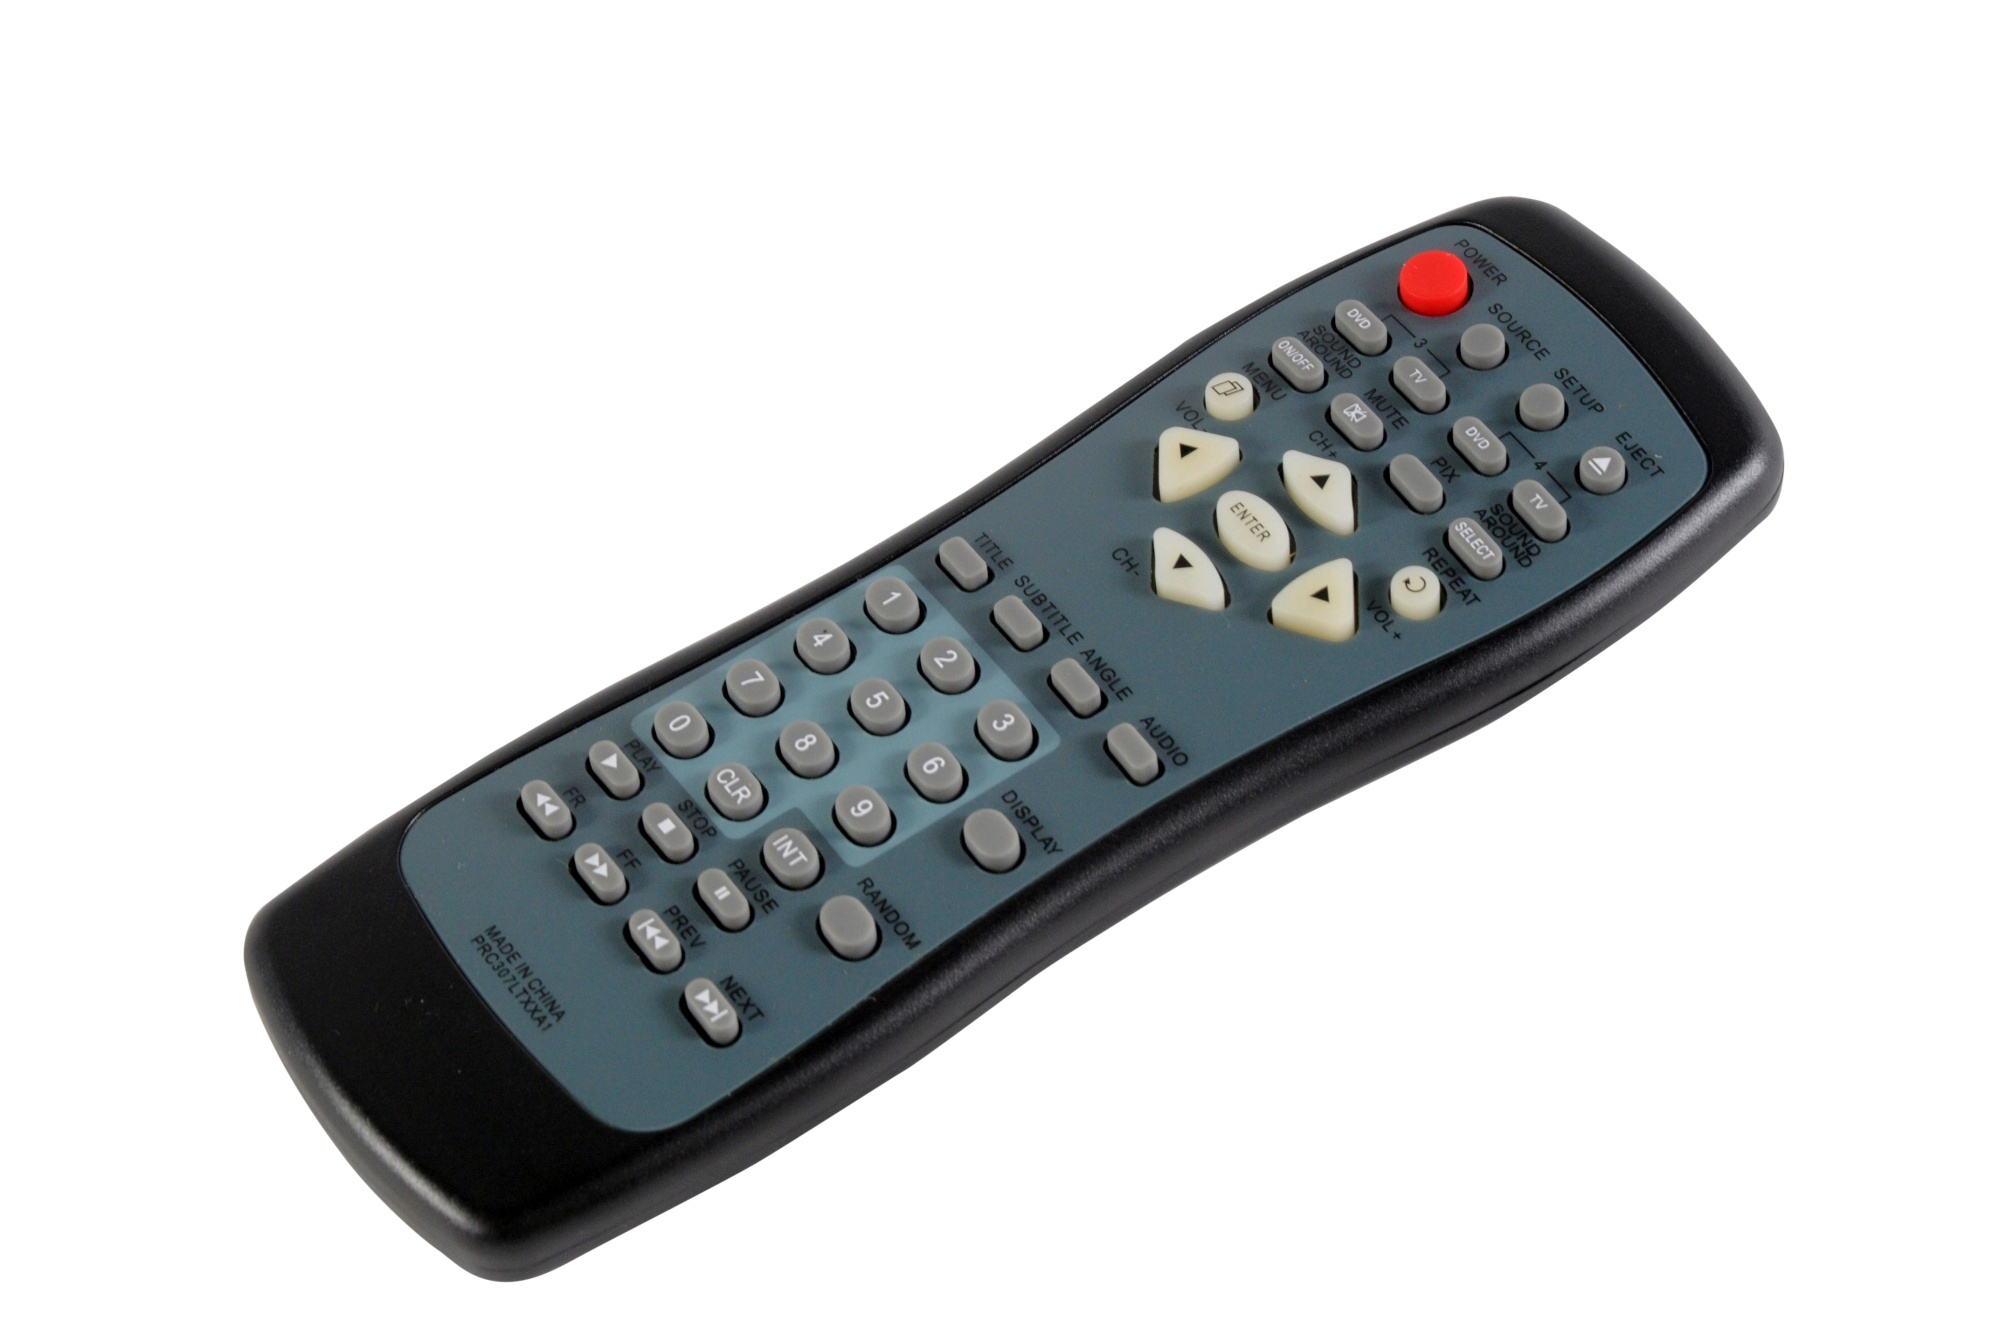 ACDELCO GM ORIGINAL EQUIPMENT - DVD Player Remote Control - DCB 22863877